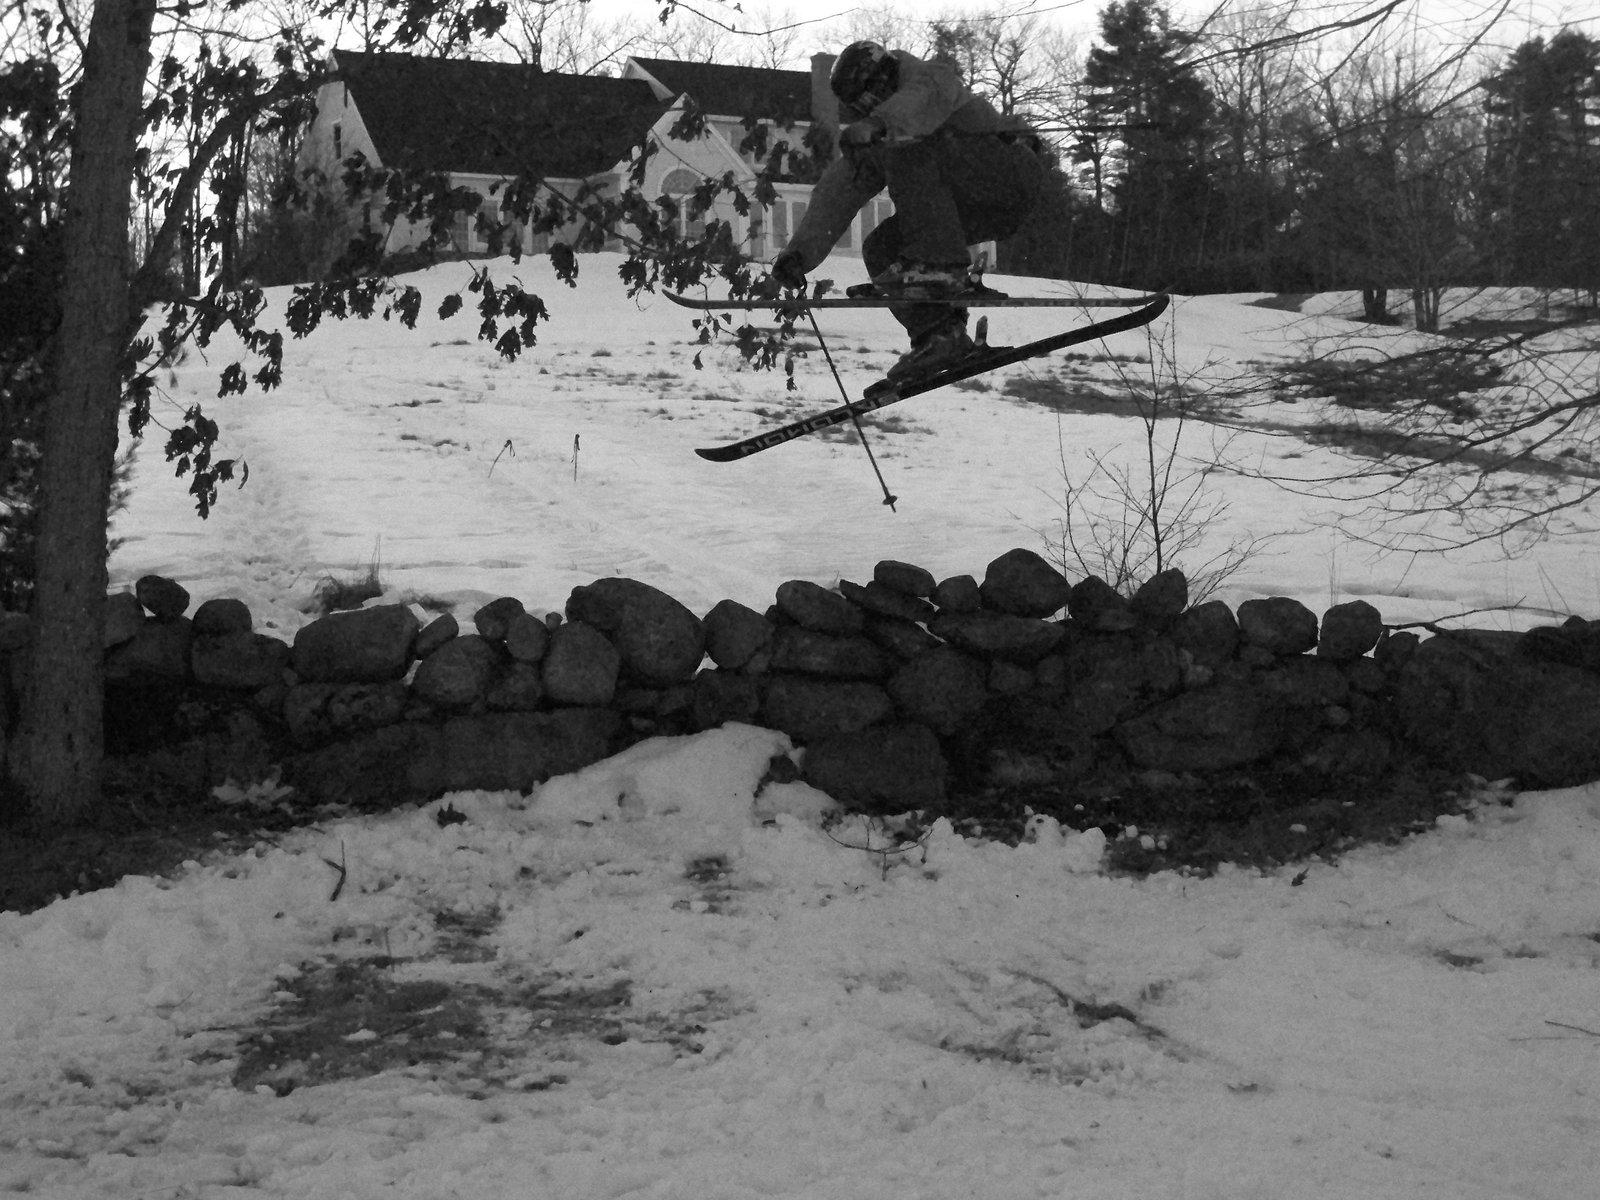 Stone wall jump again